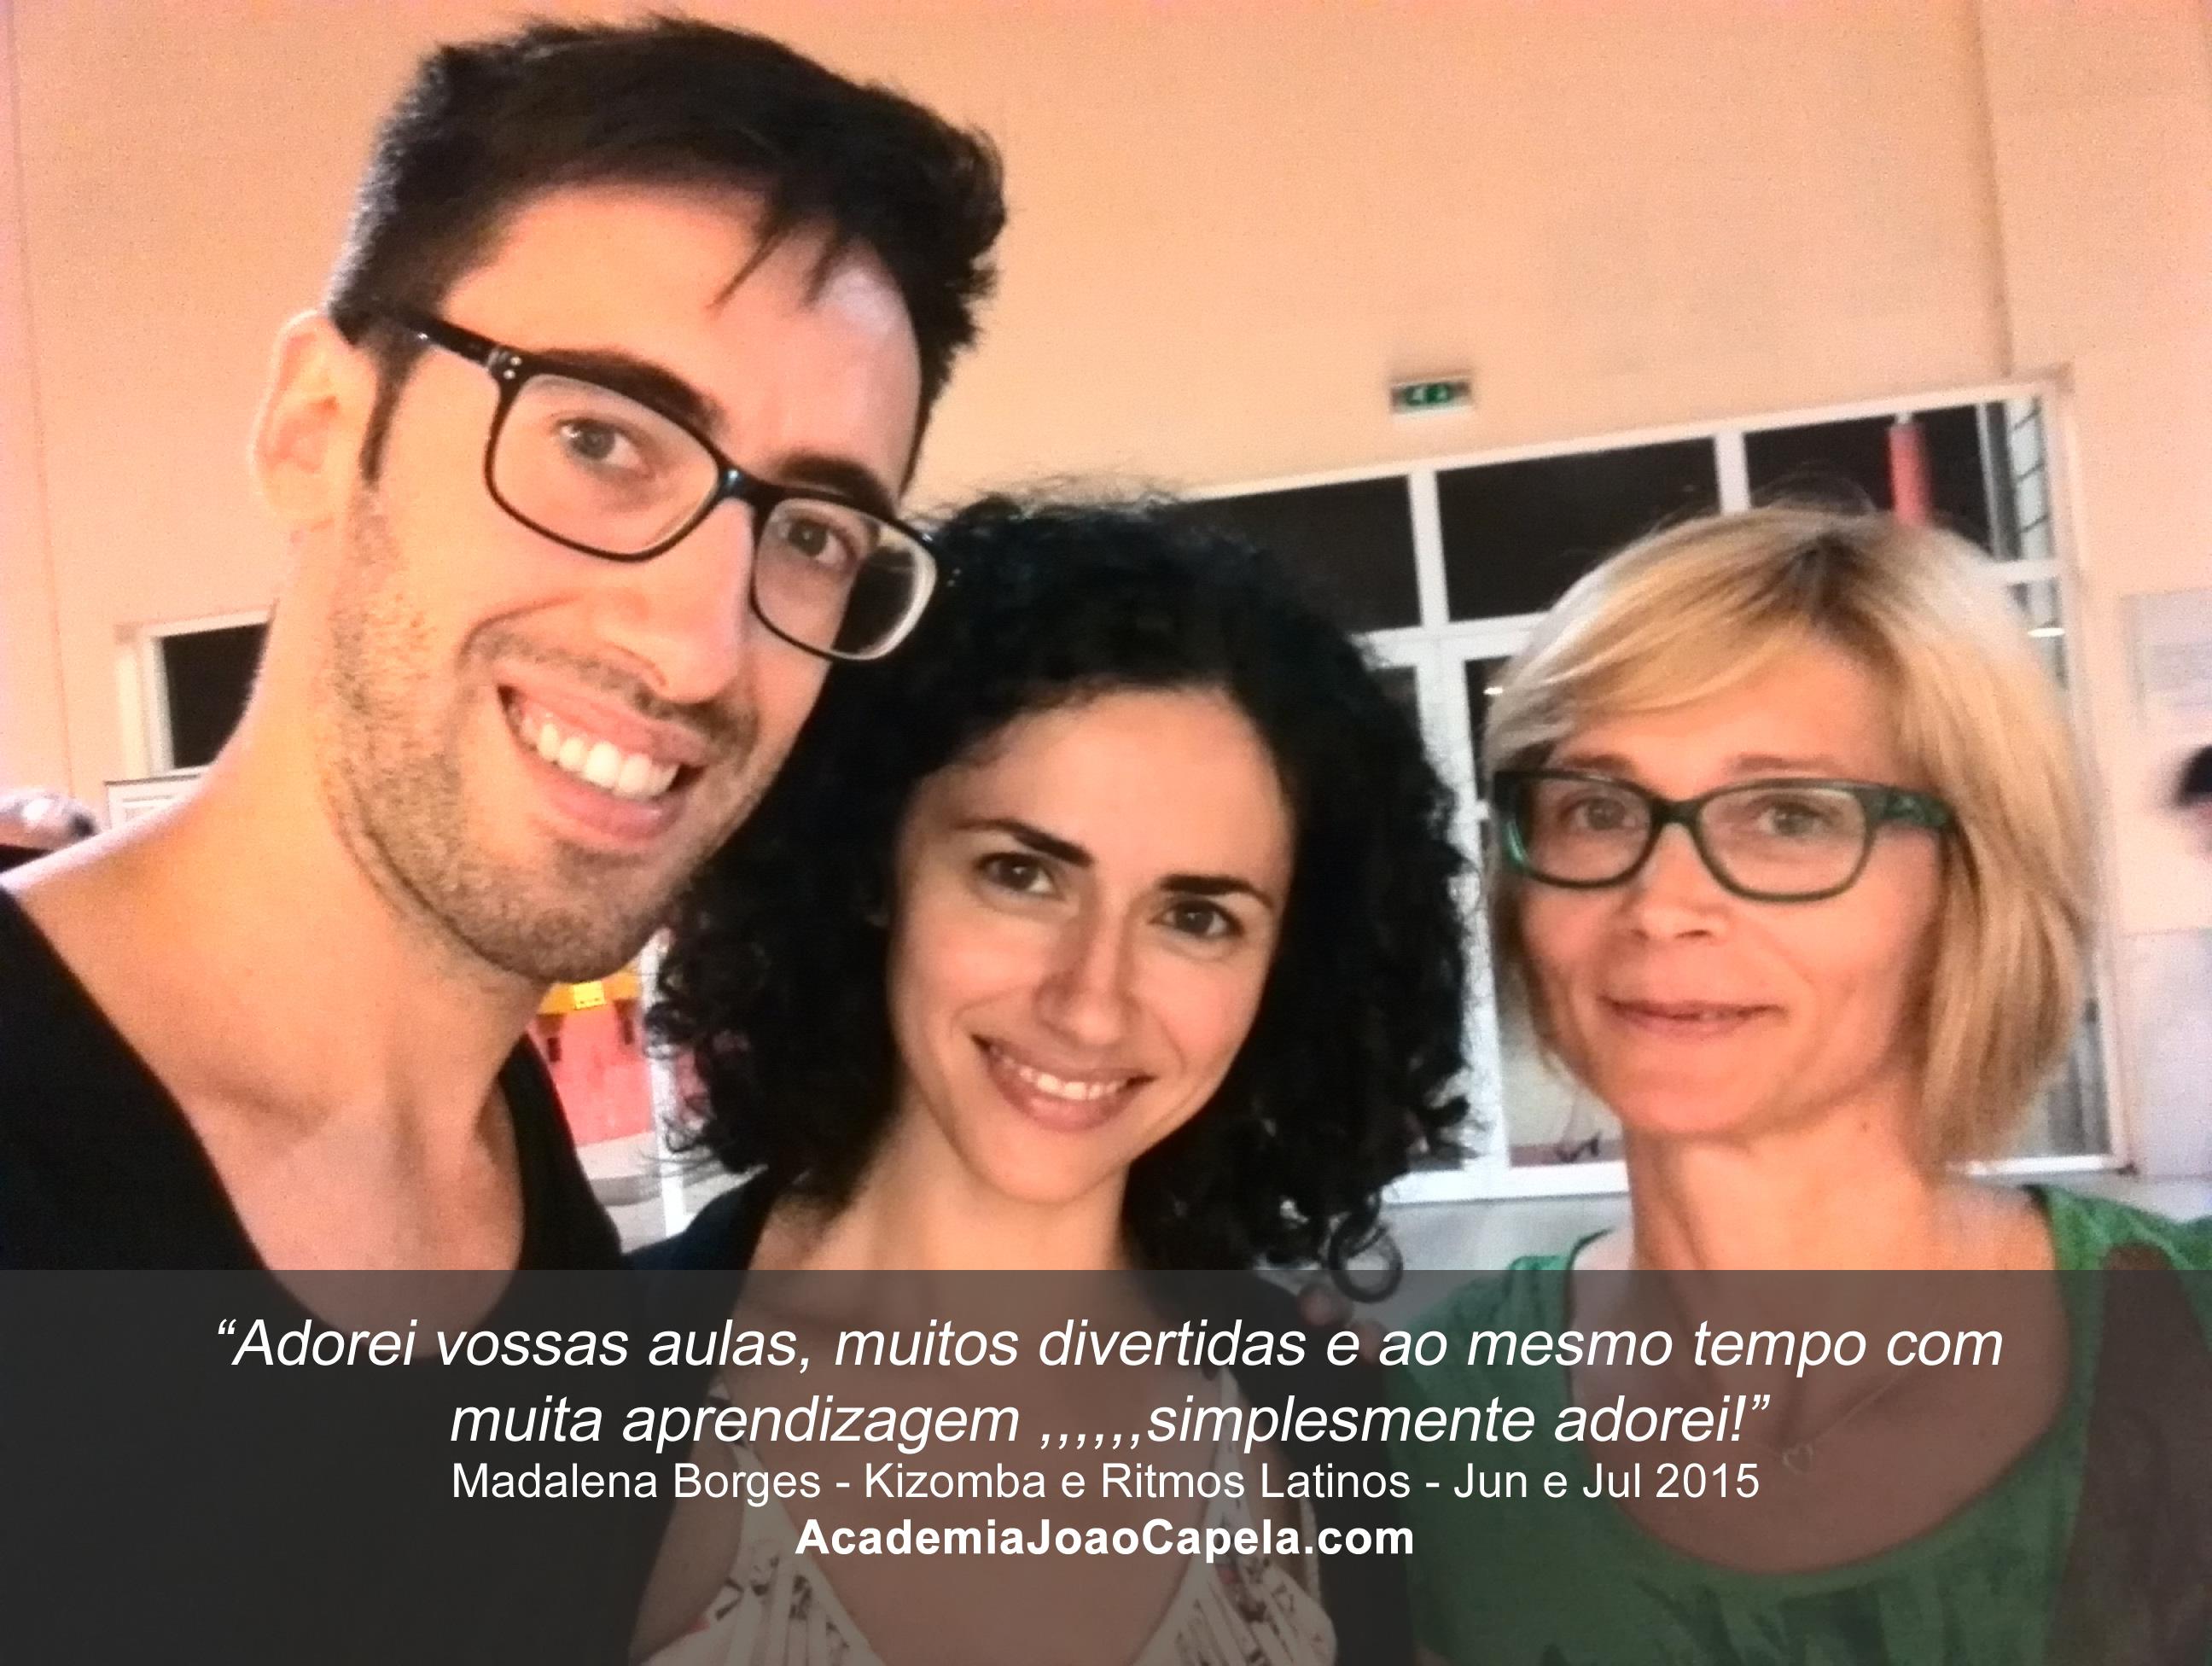 Testemunho Madalena Borges - Aulas de Ritmos Latinos na Academia João Capela em Barcelos